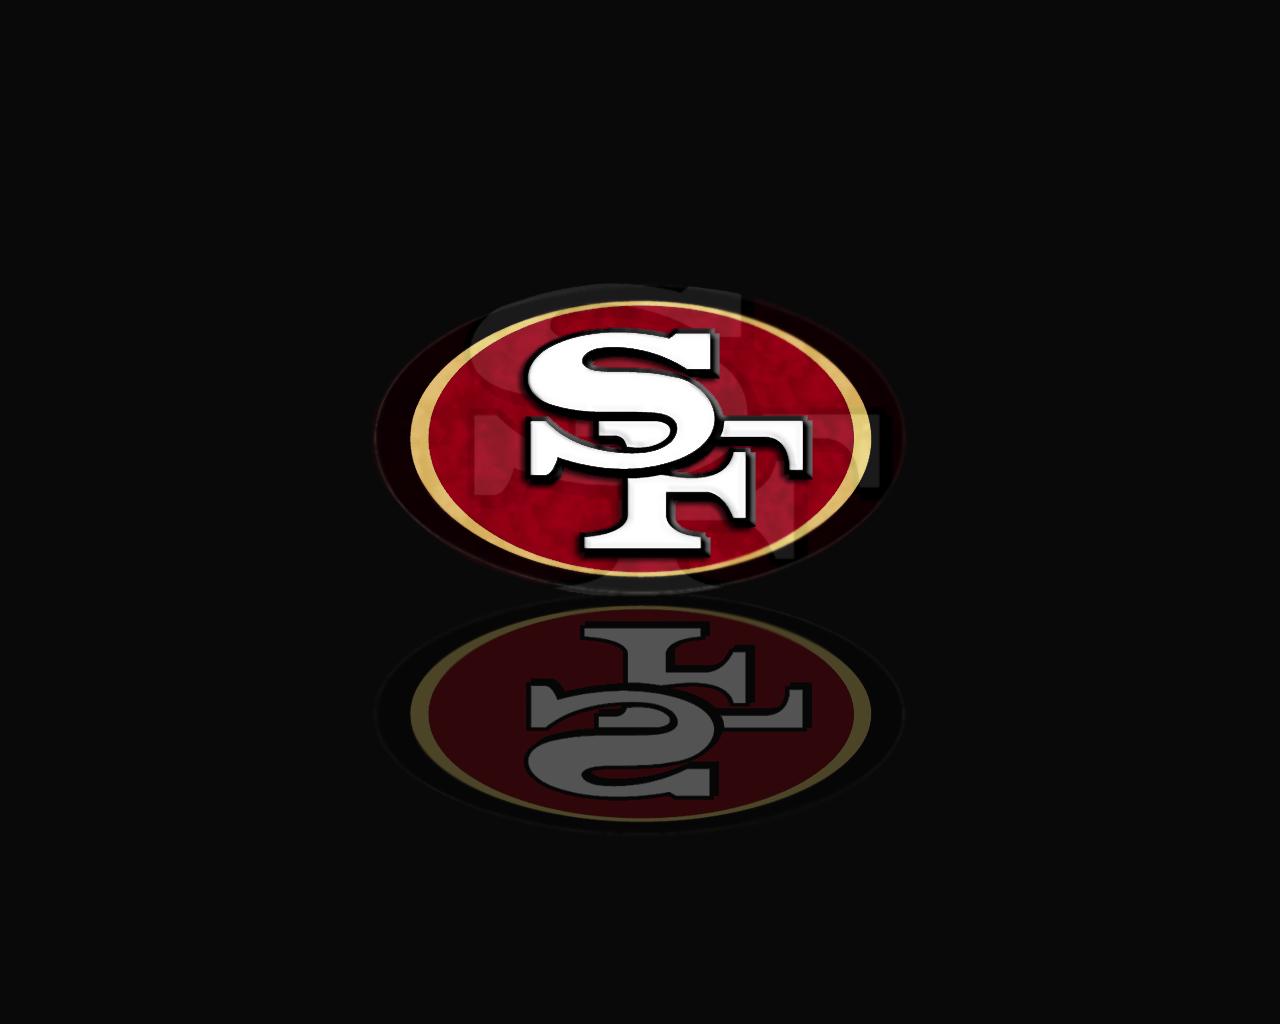 San Francisco 49ers Logo Wallpaper w Stripes by pasar3 1280 x 1280x1024